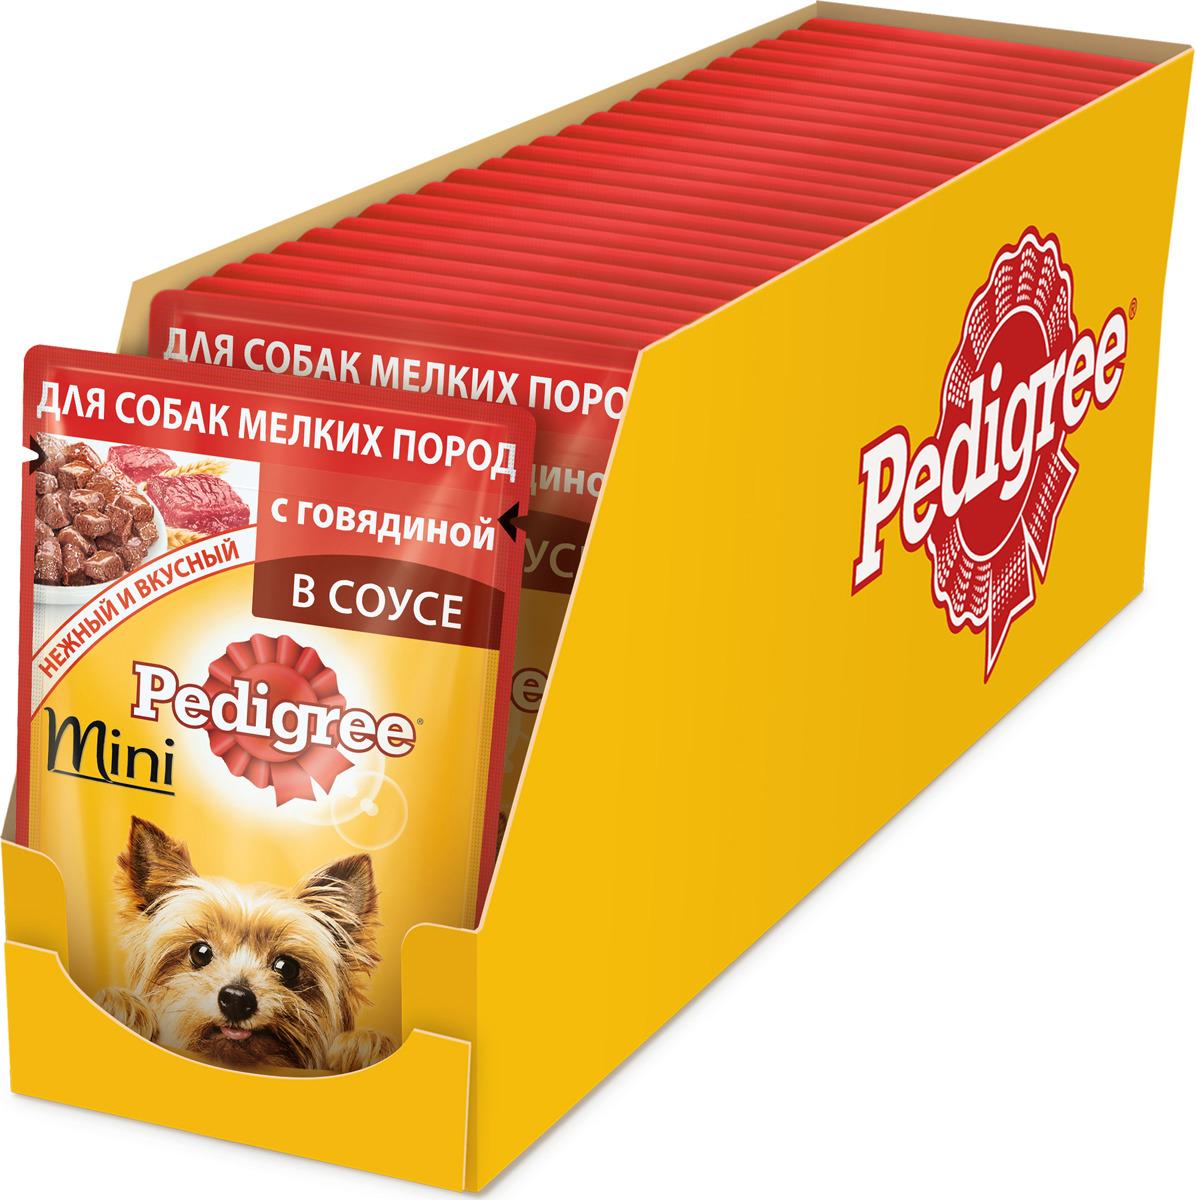 Консервы Pedigree, для взрослых собак мелких пород, с говядиной, 85 г х 24 шт консервы pedigree для взрослых собак мелких пород с говядиной 85 г х 24 шт